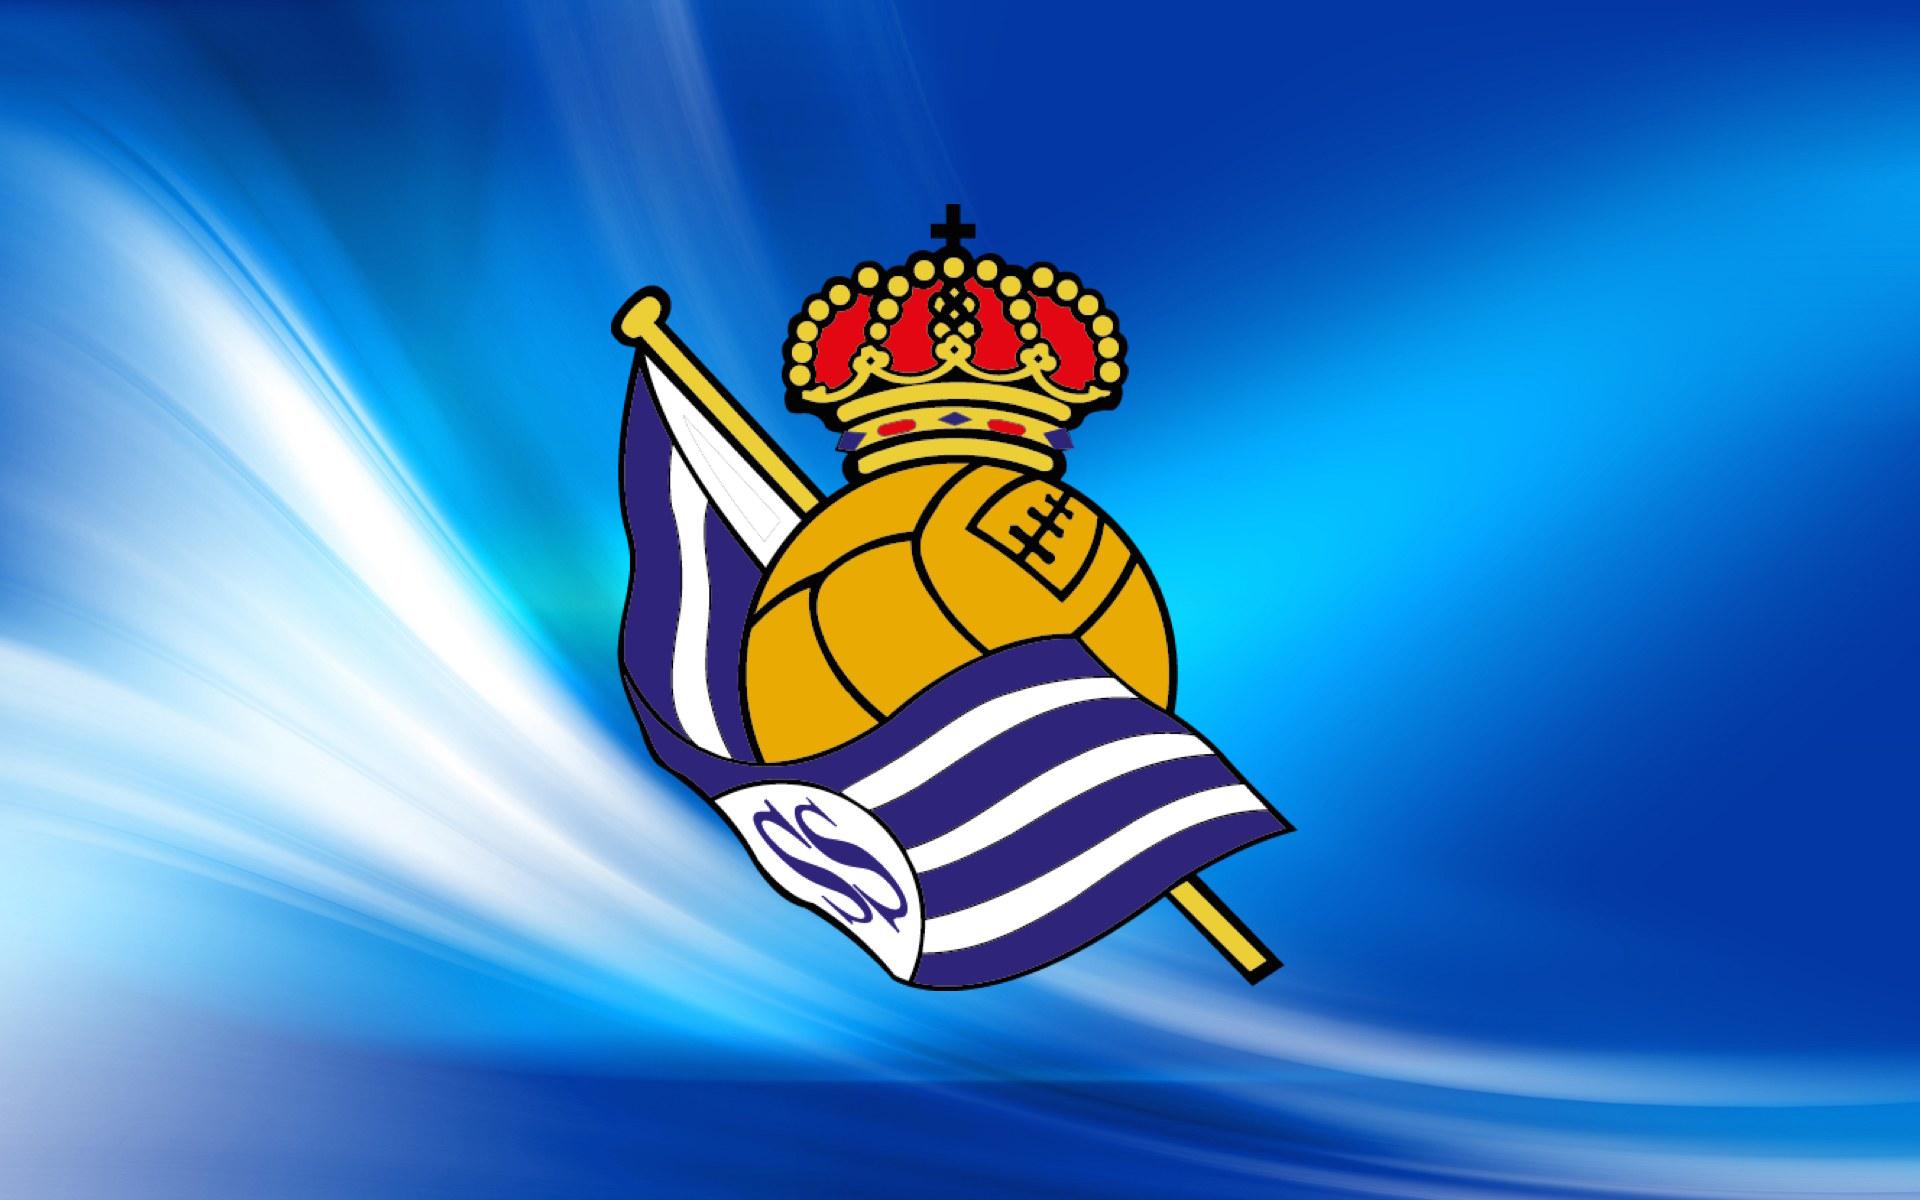 La Real Sociedad.  Ese gran club legendario. Real-sociedad